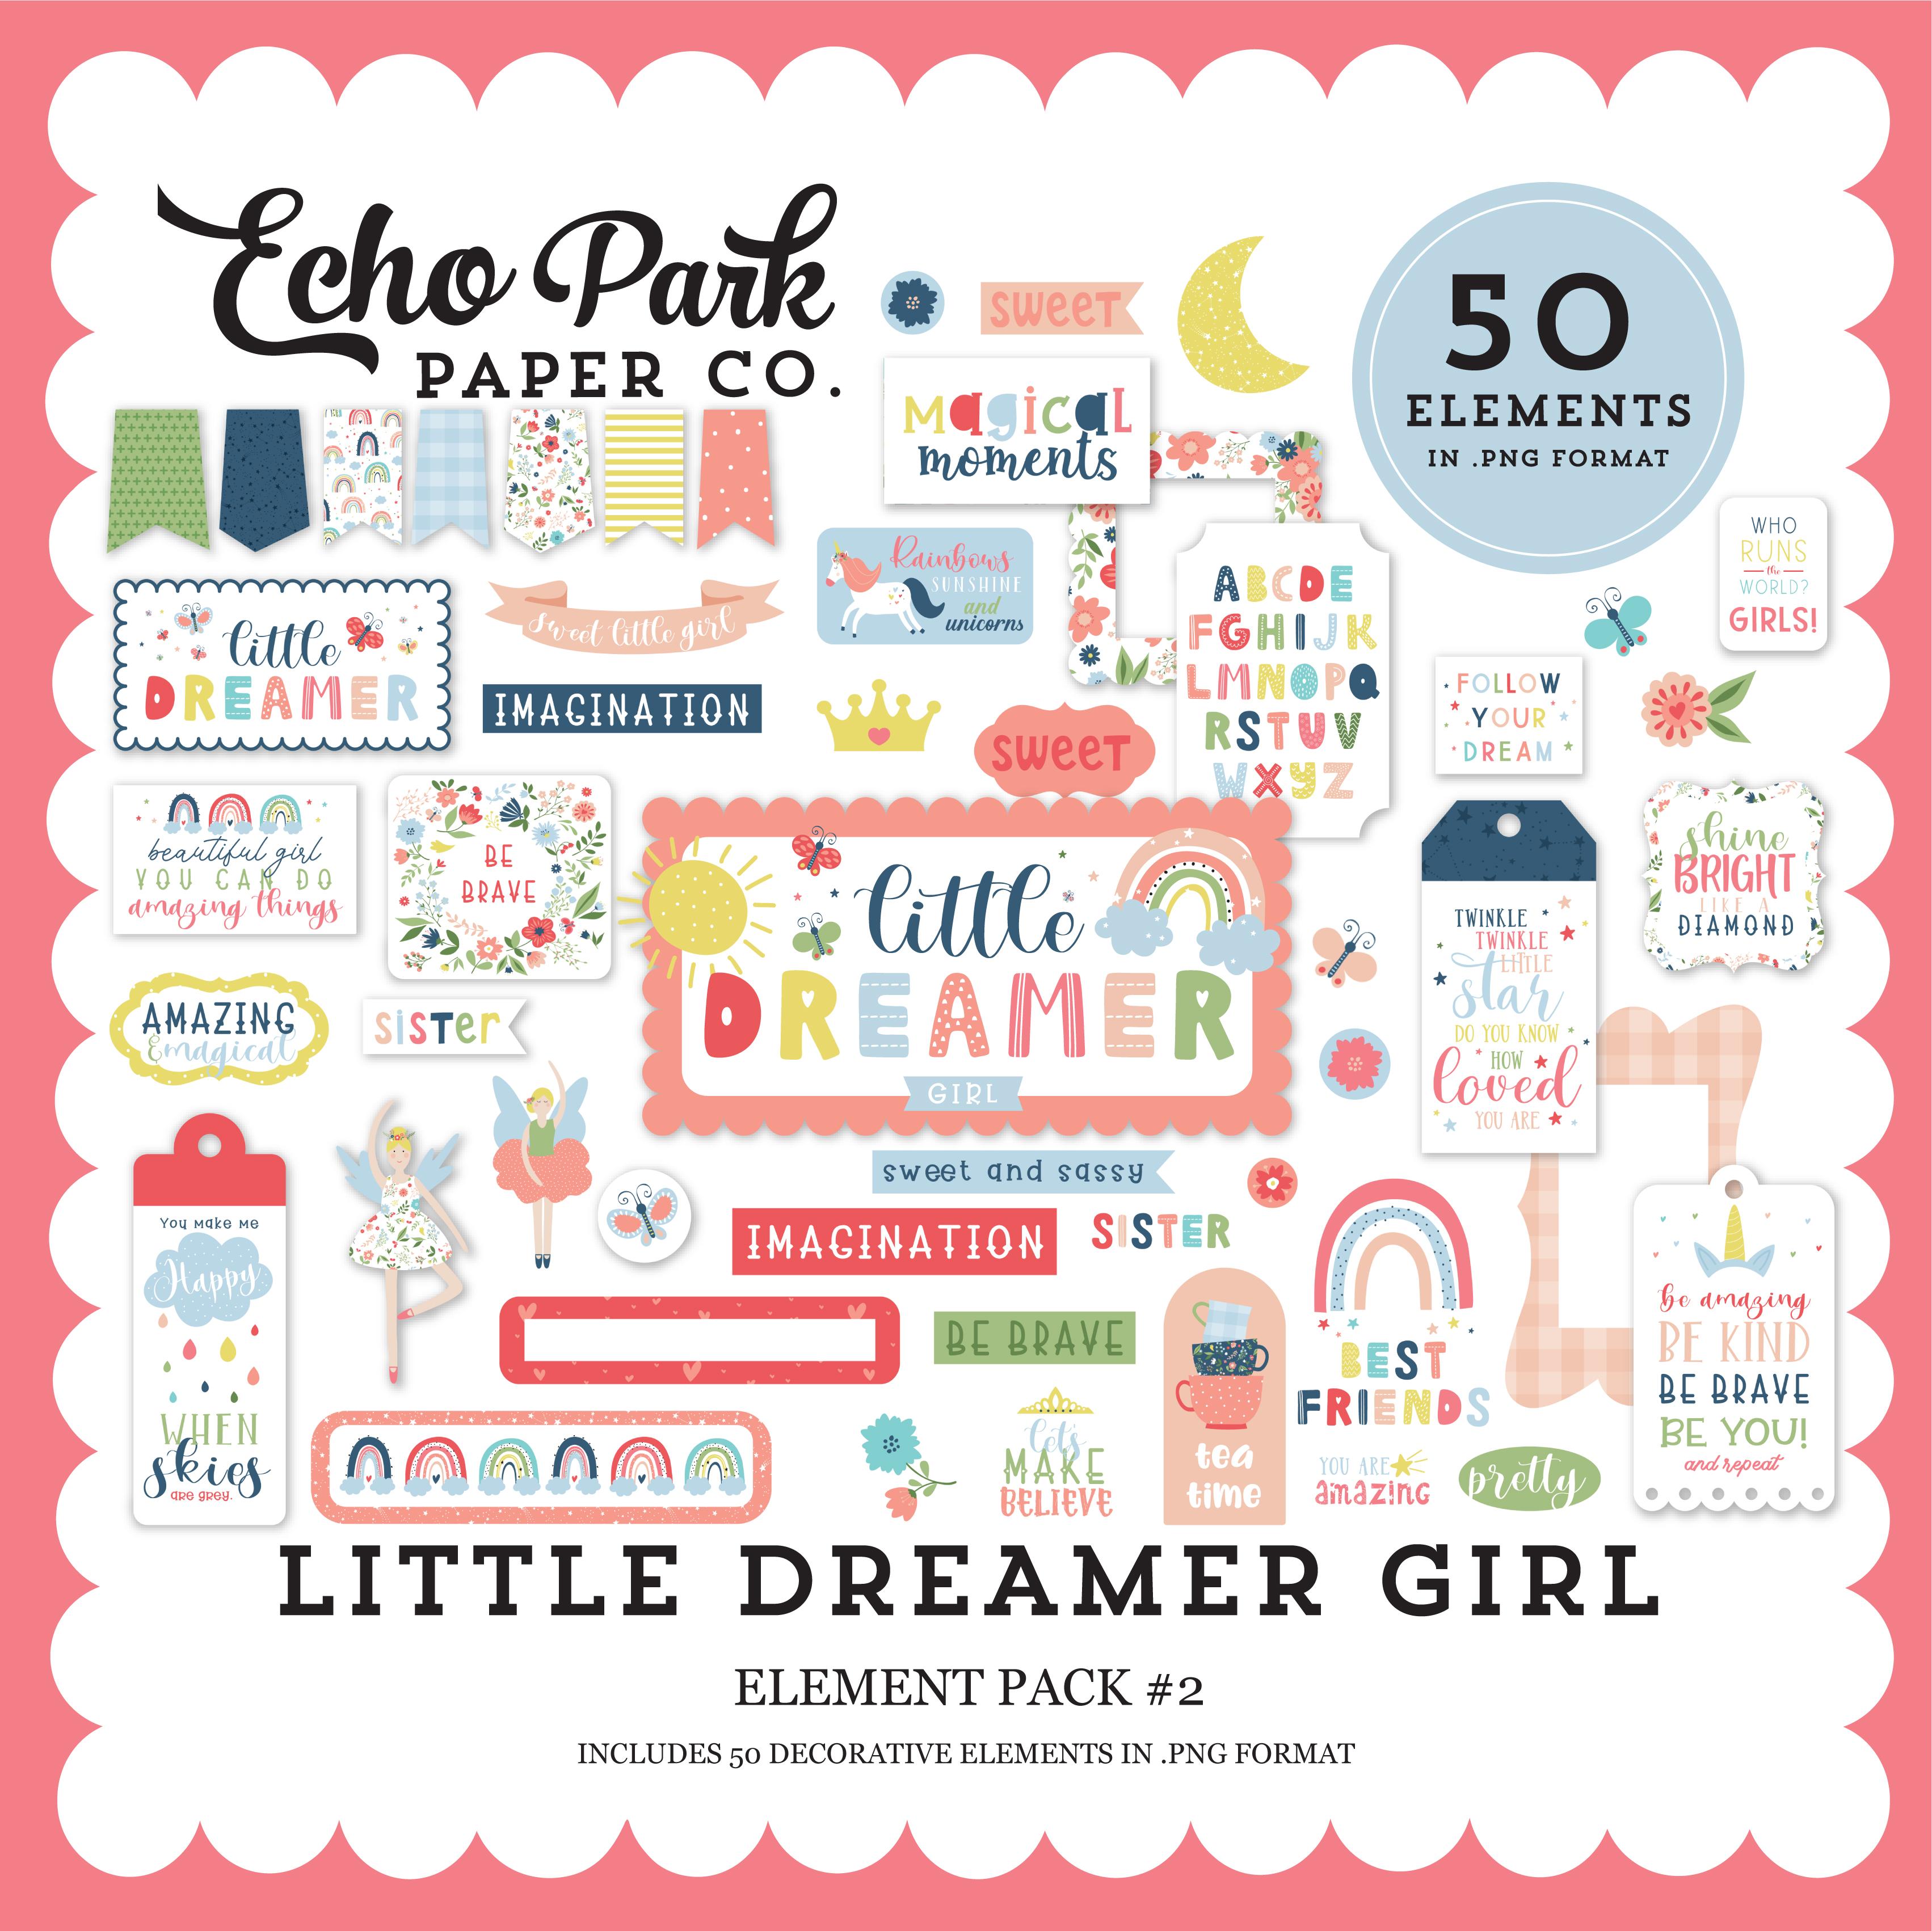 Little Dreamer Girl Element Pack #2